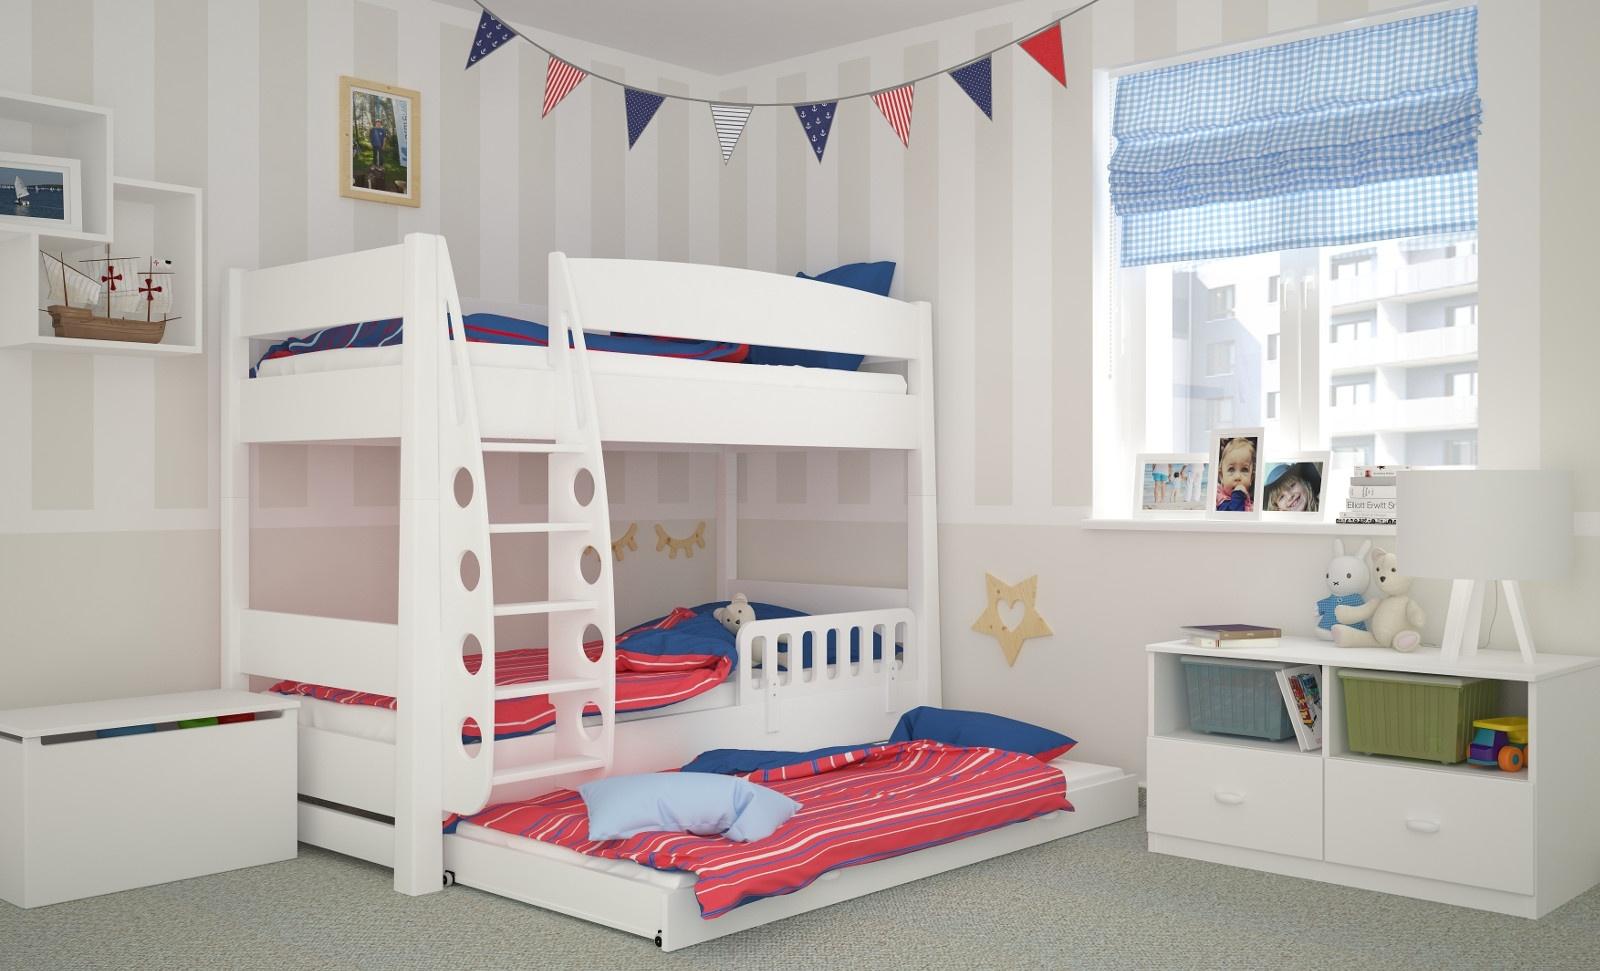 Подборка Детская мебель для девочки — сказка, которую легко воплотить в реальность на фото